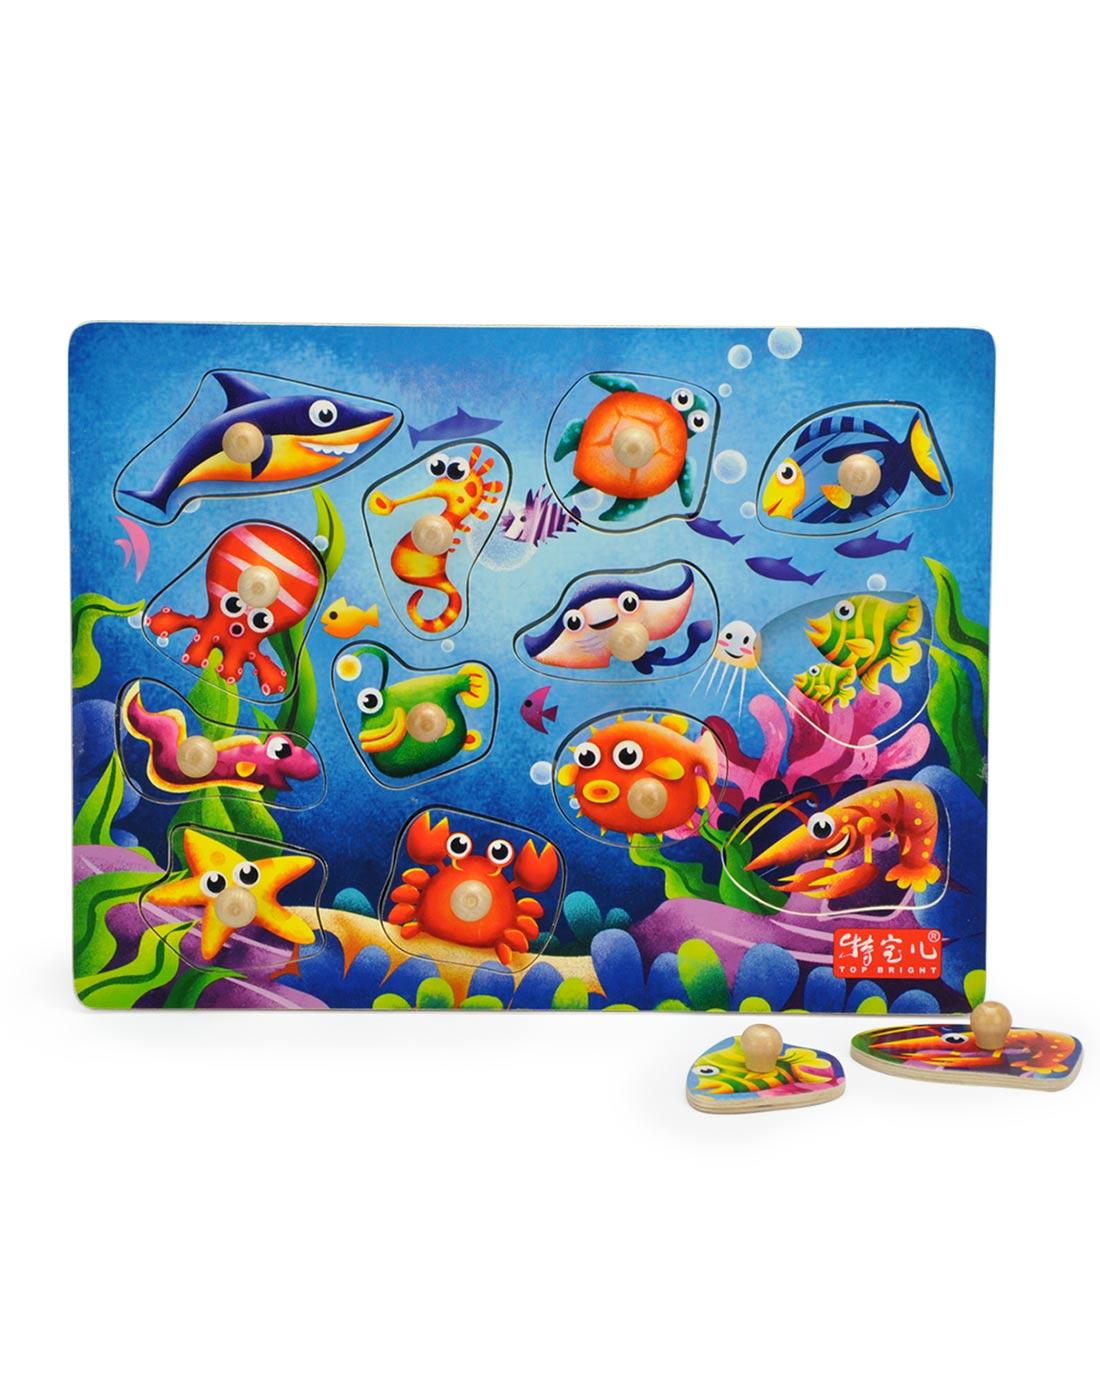 特宝儿海洋动物主题些列抓手拼图